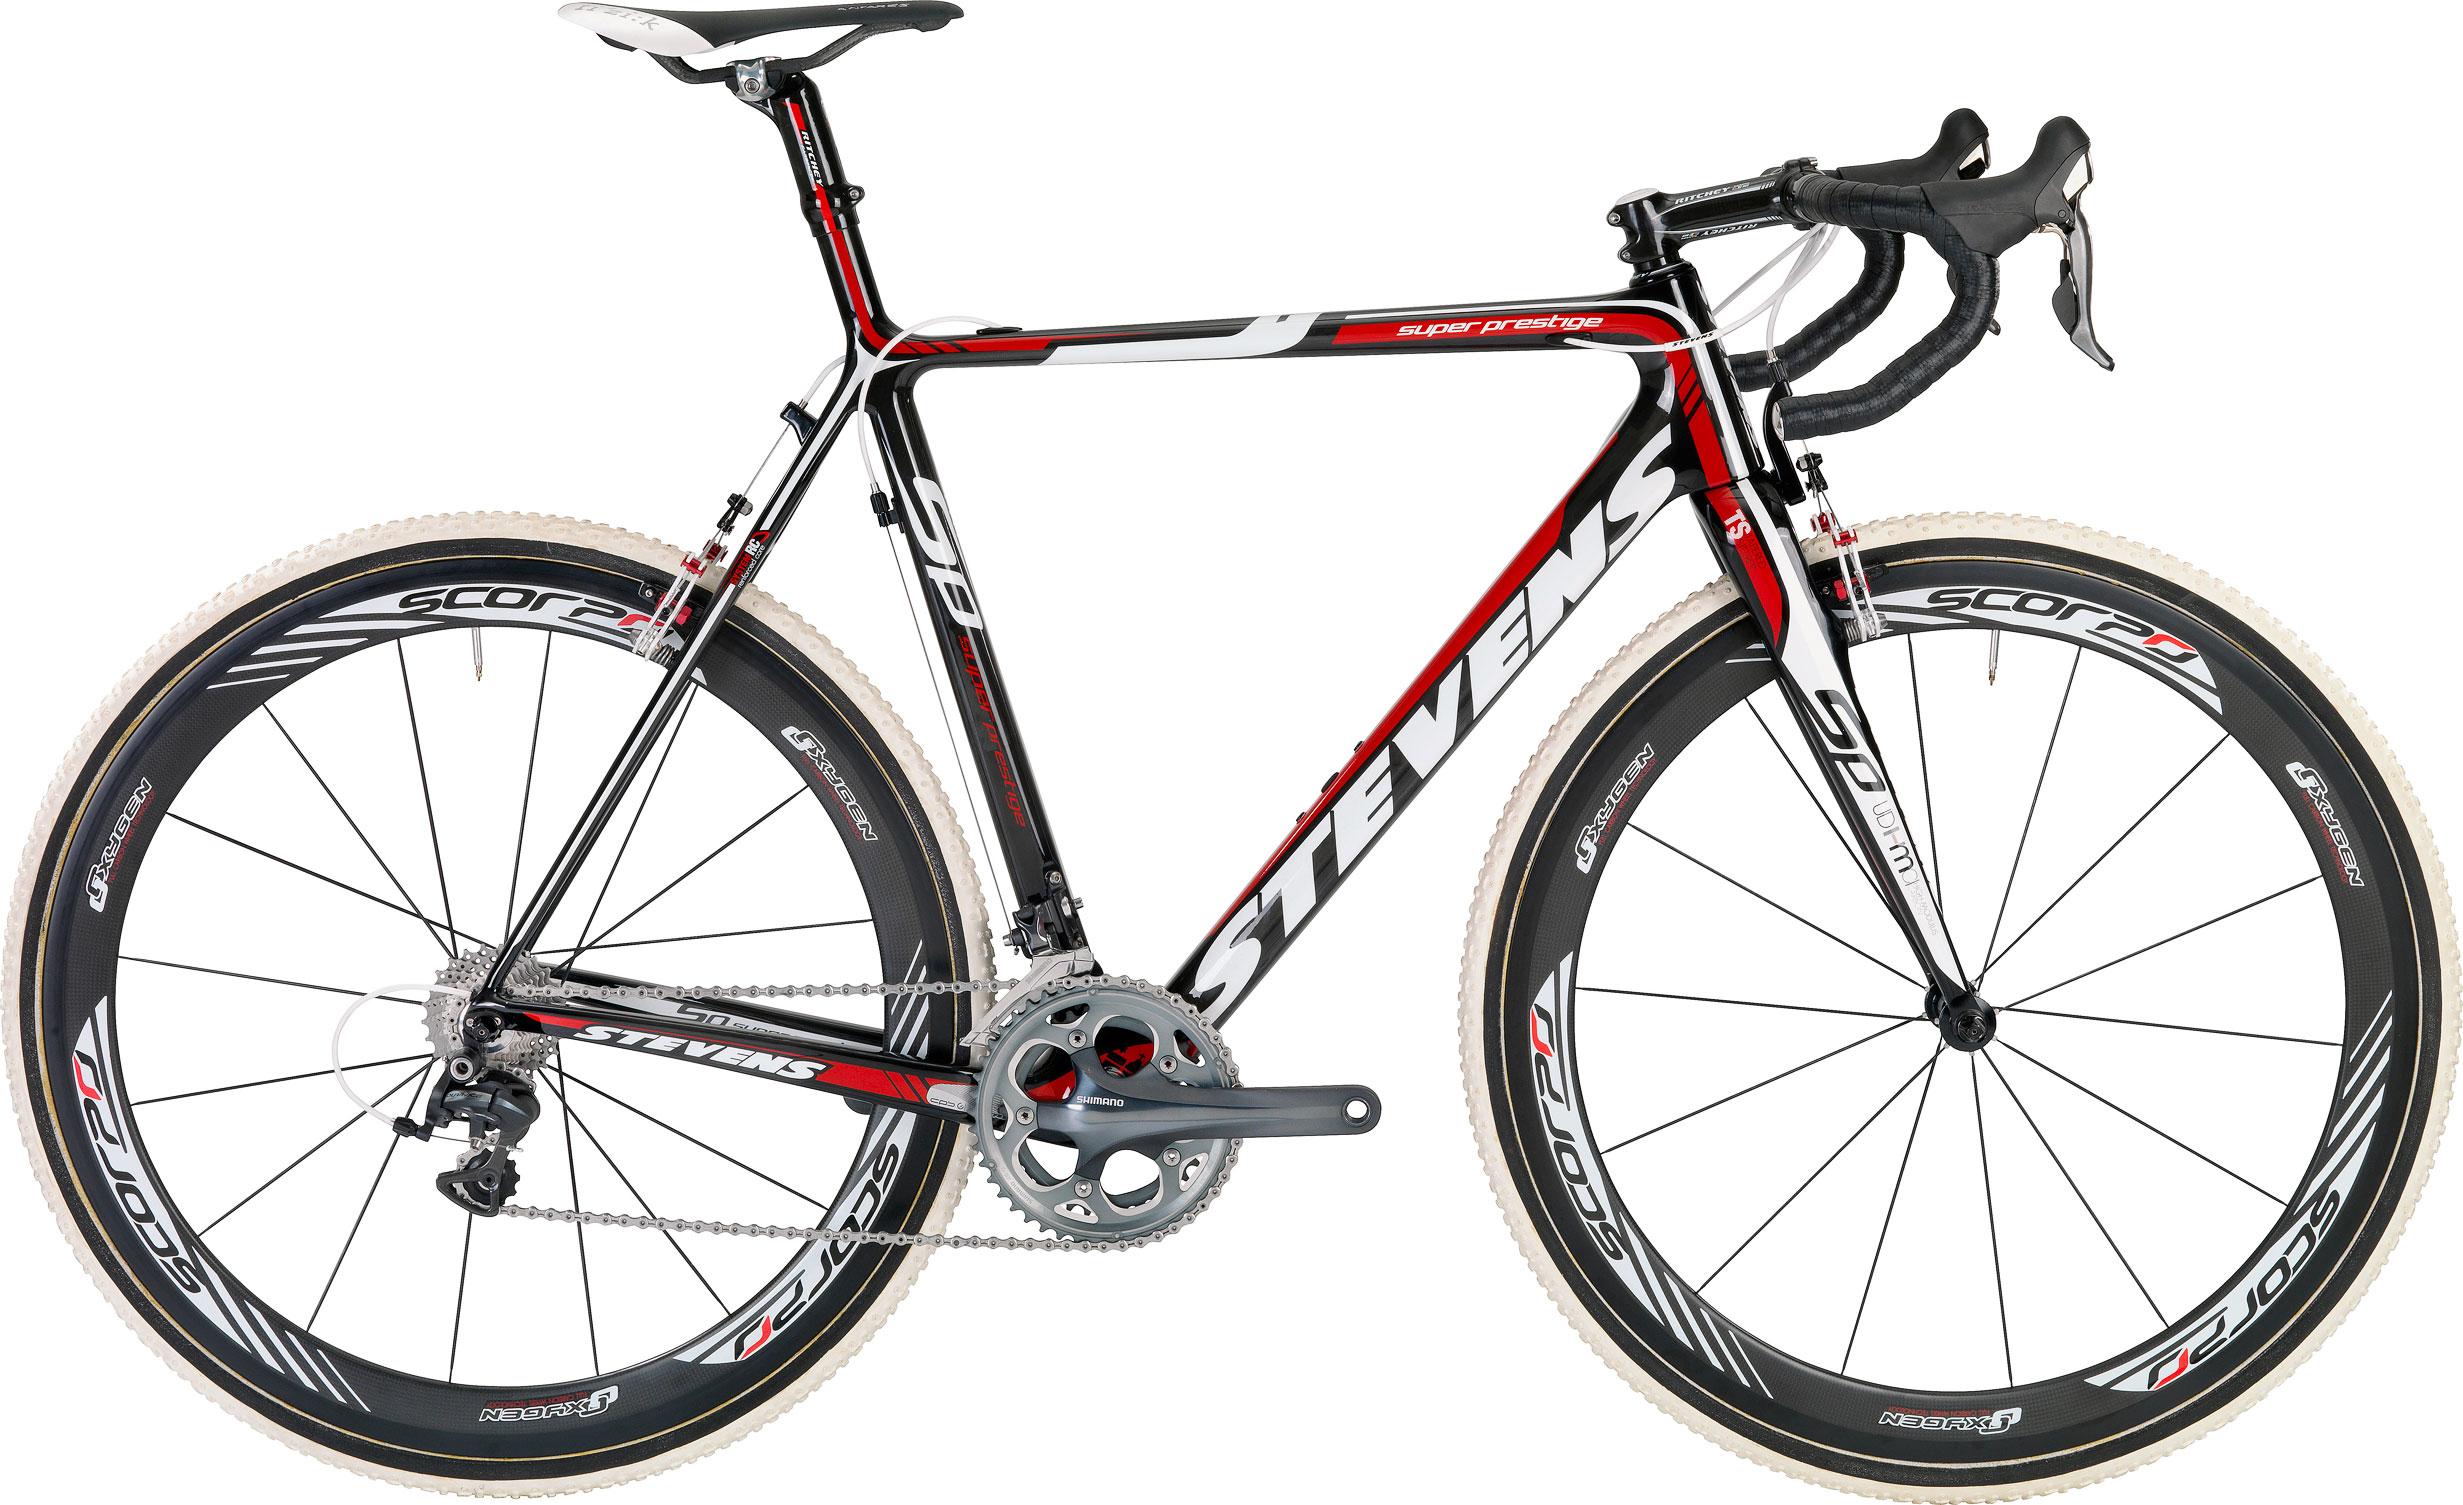 Stevens bikes 2013 super prestige